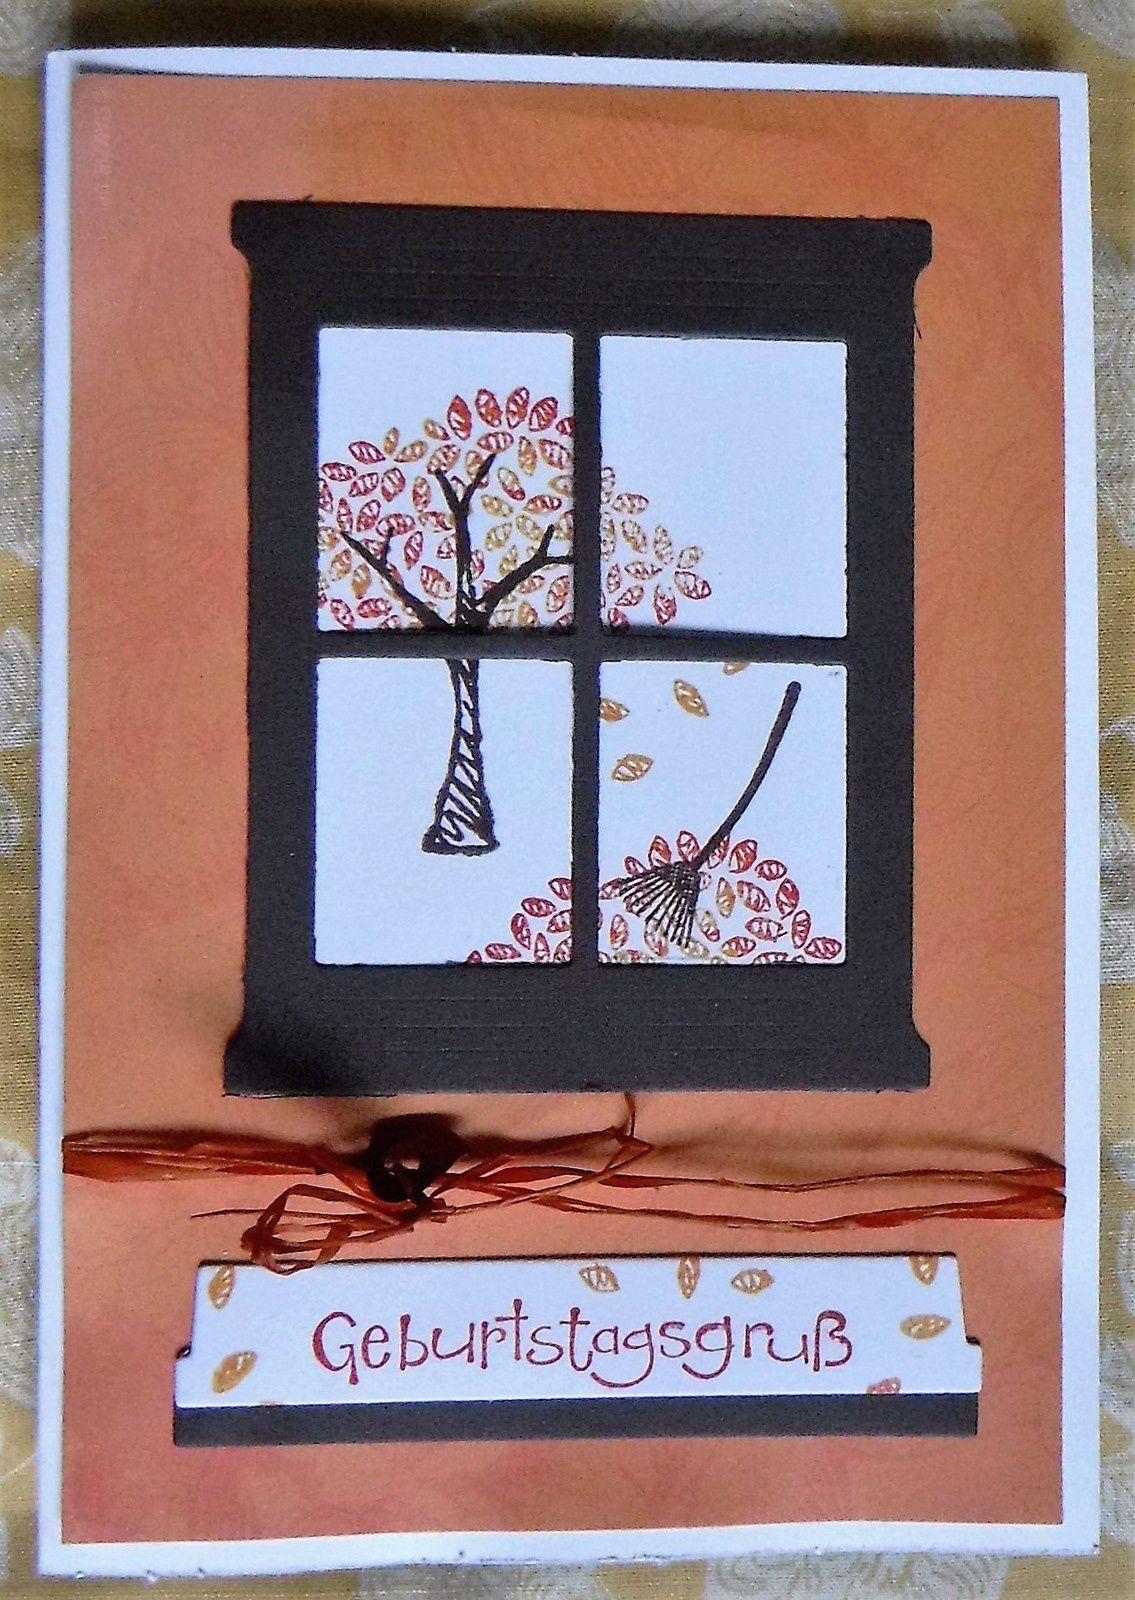 Carte anniversaire &quot&#x3B;fenêtre&quot&#x3B; / Geburtstagskarte &quot&#x3B;Fenster&quot&#x3B;